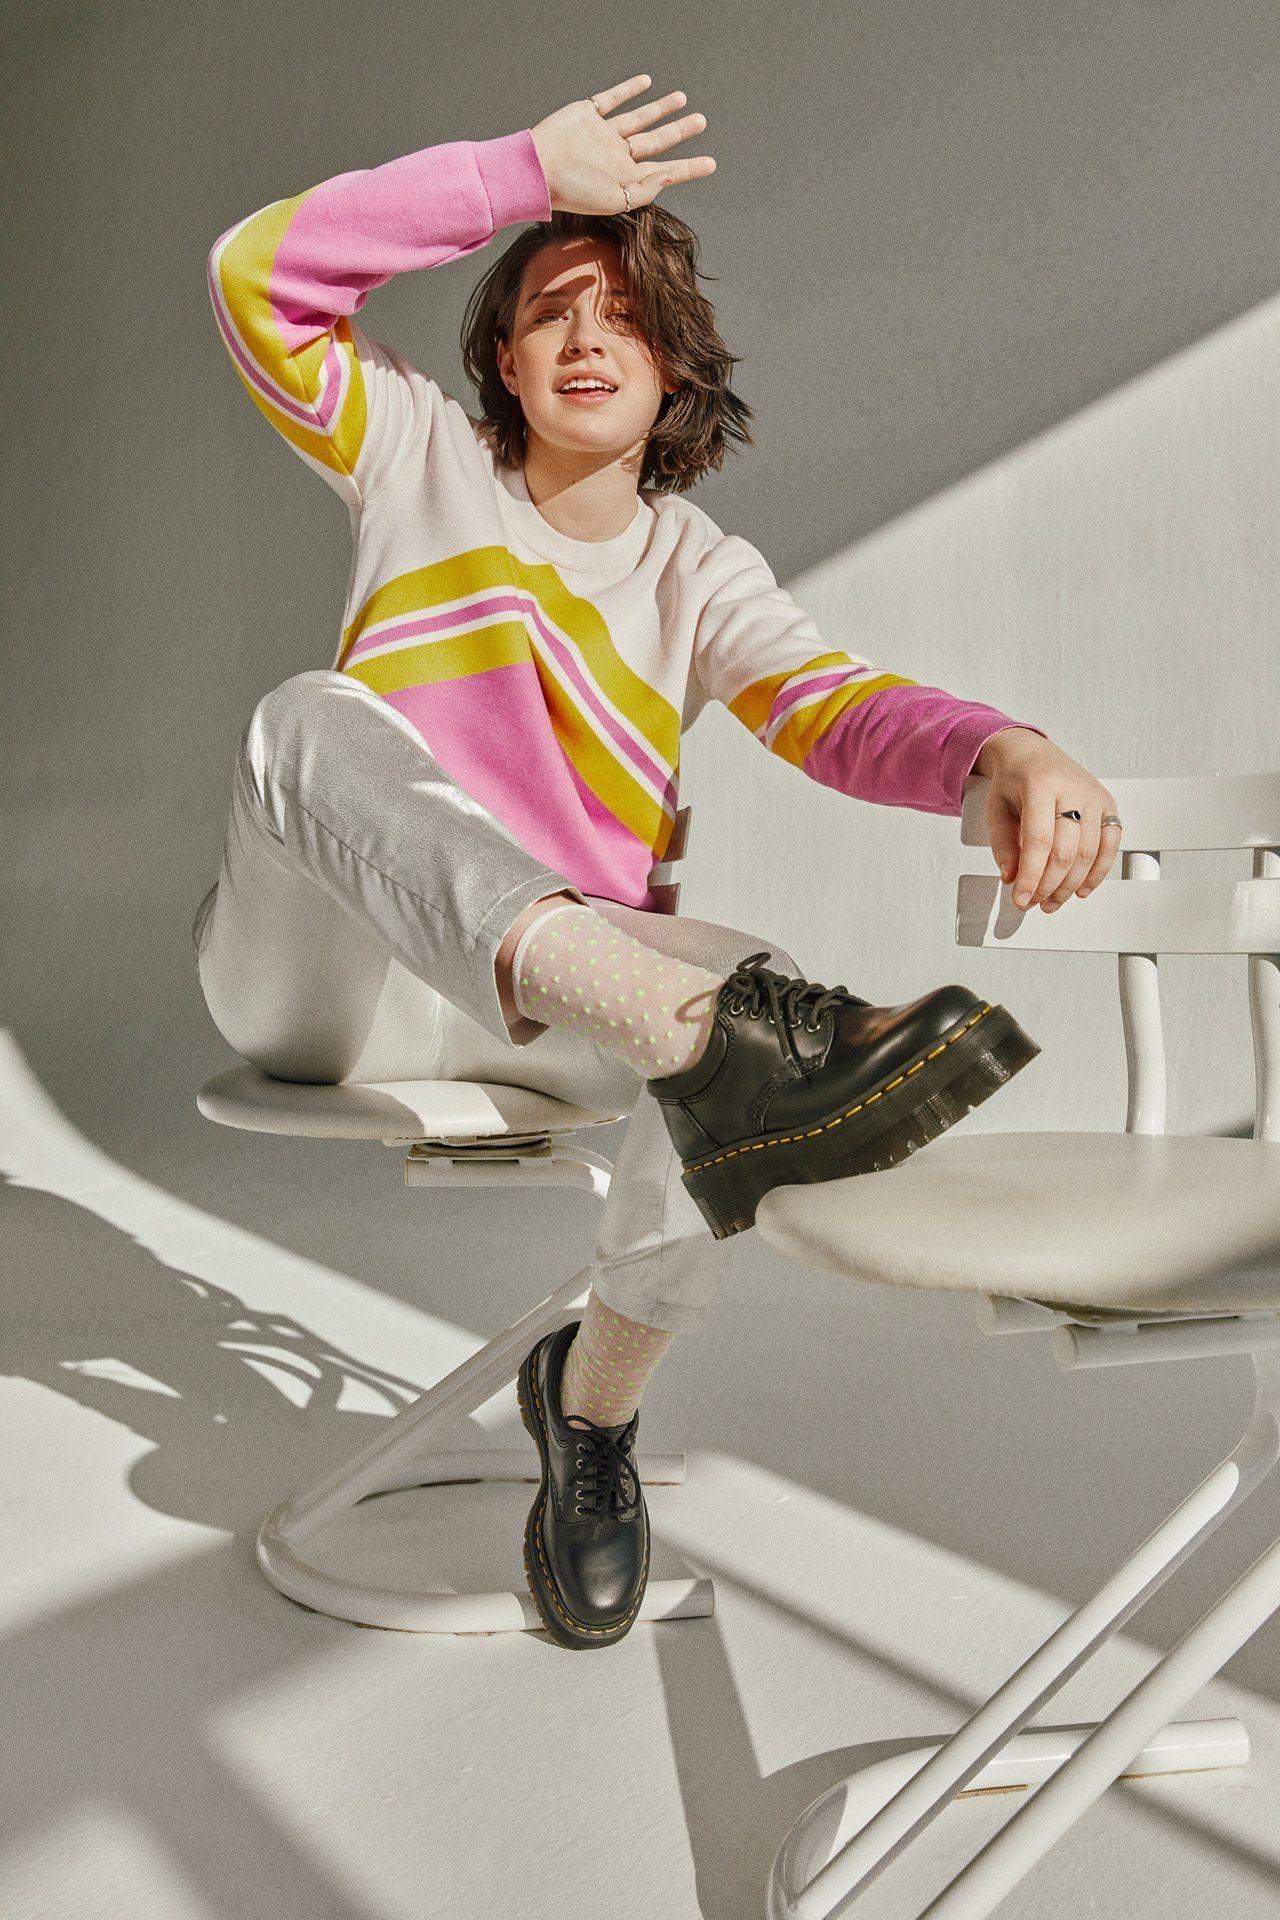 Femme souriante avec du soleil dans les yeux, portant une chemise rayée rose, beige et jaune, un pantalon argenté, des chaussettes transparentes à pois et des dock martens. Elle est assise sur une chaise blanche sur un fond blanc, agitant sa main, un pied sur une autre chaise.